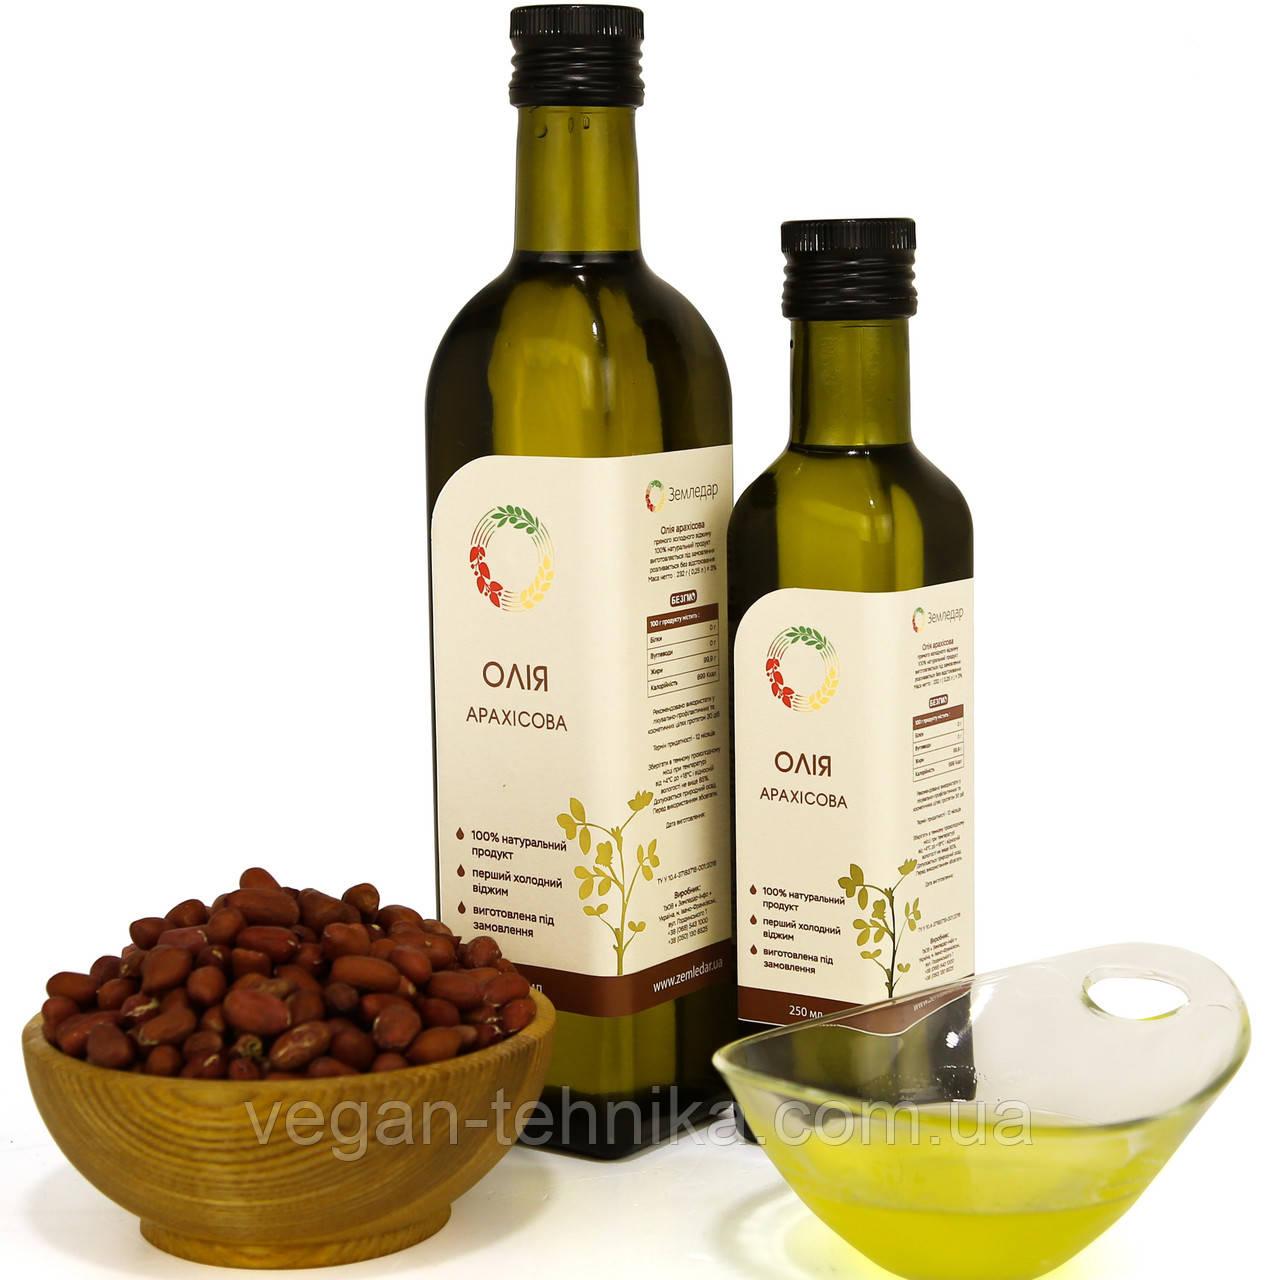 Арахисовое масло холодного отжима (сыродавленное) нерафинированное